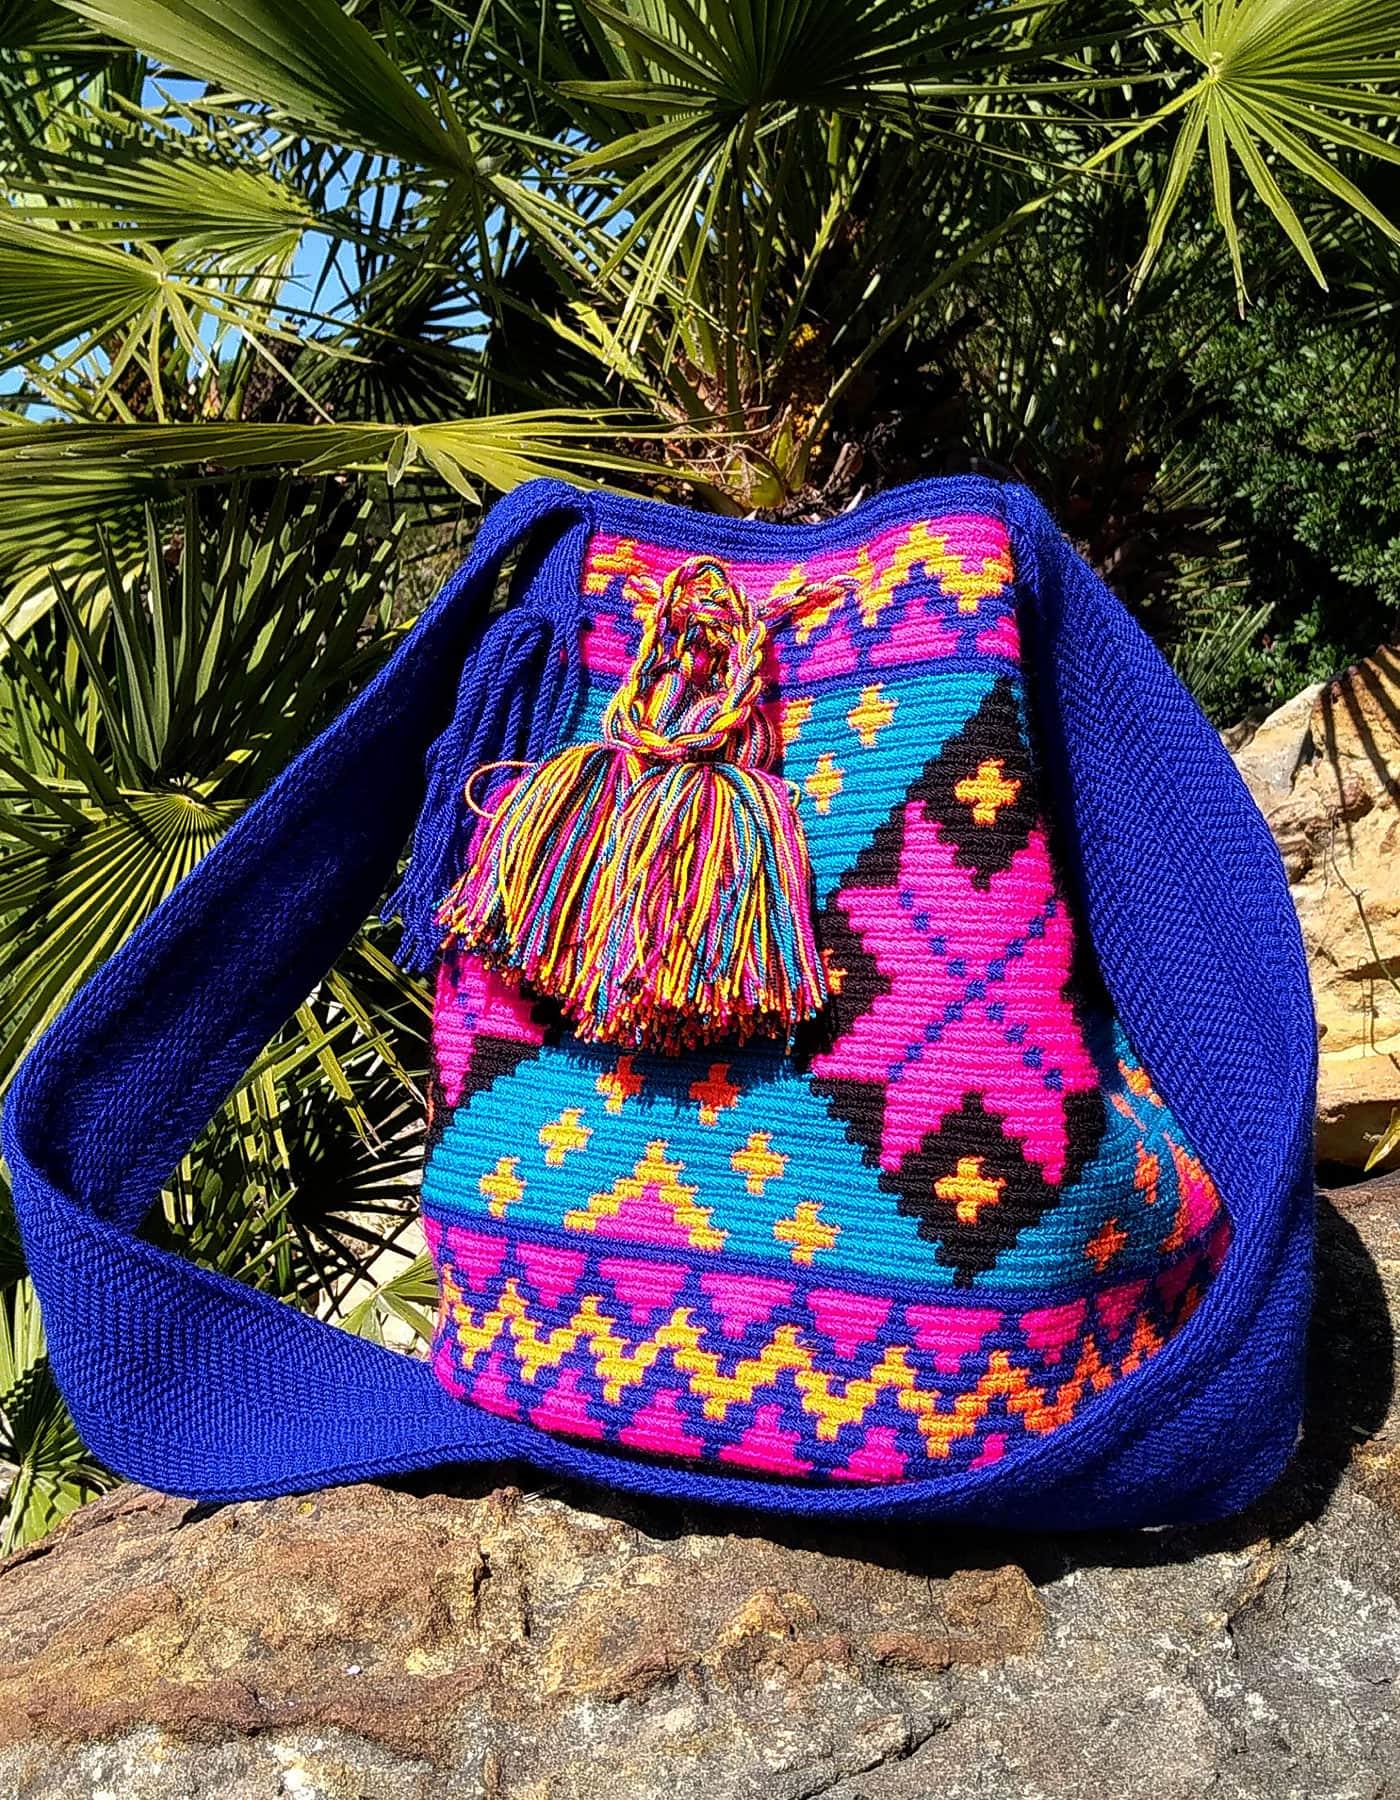 Bolso Wayuu Artesanal, Auténtico y Original (sólo 1 igual) con motivos tribales, azul, azul oscuro, cian, naranja claro y negro A